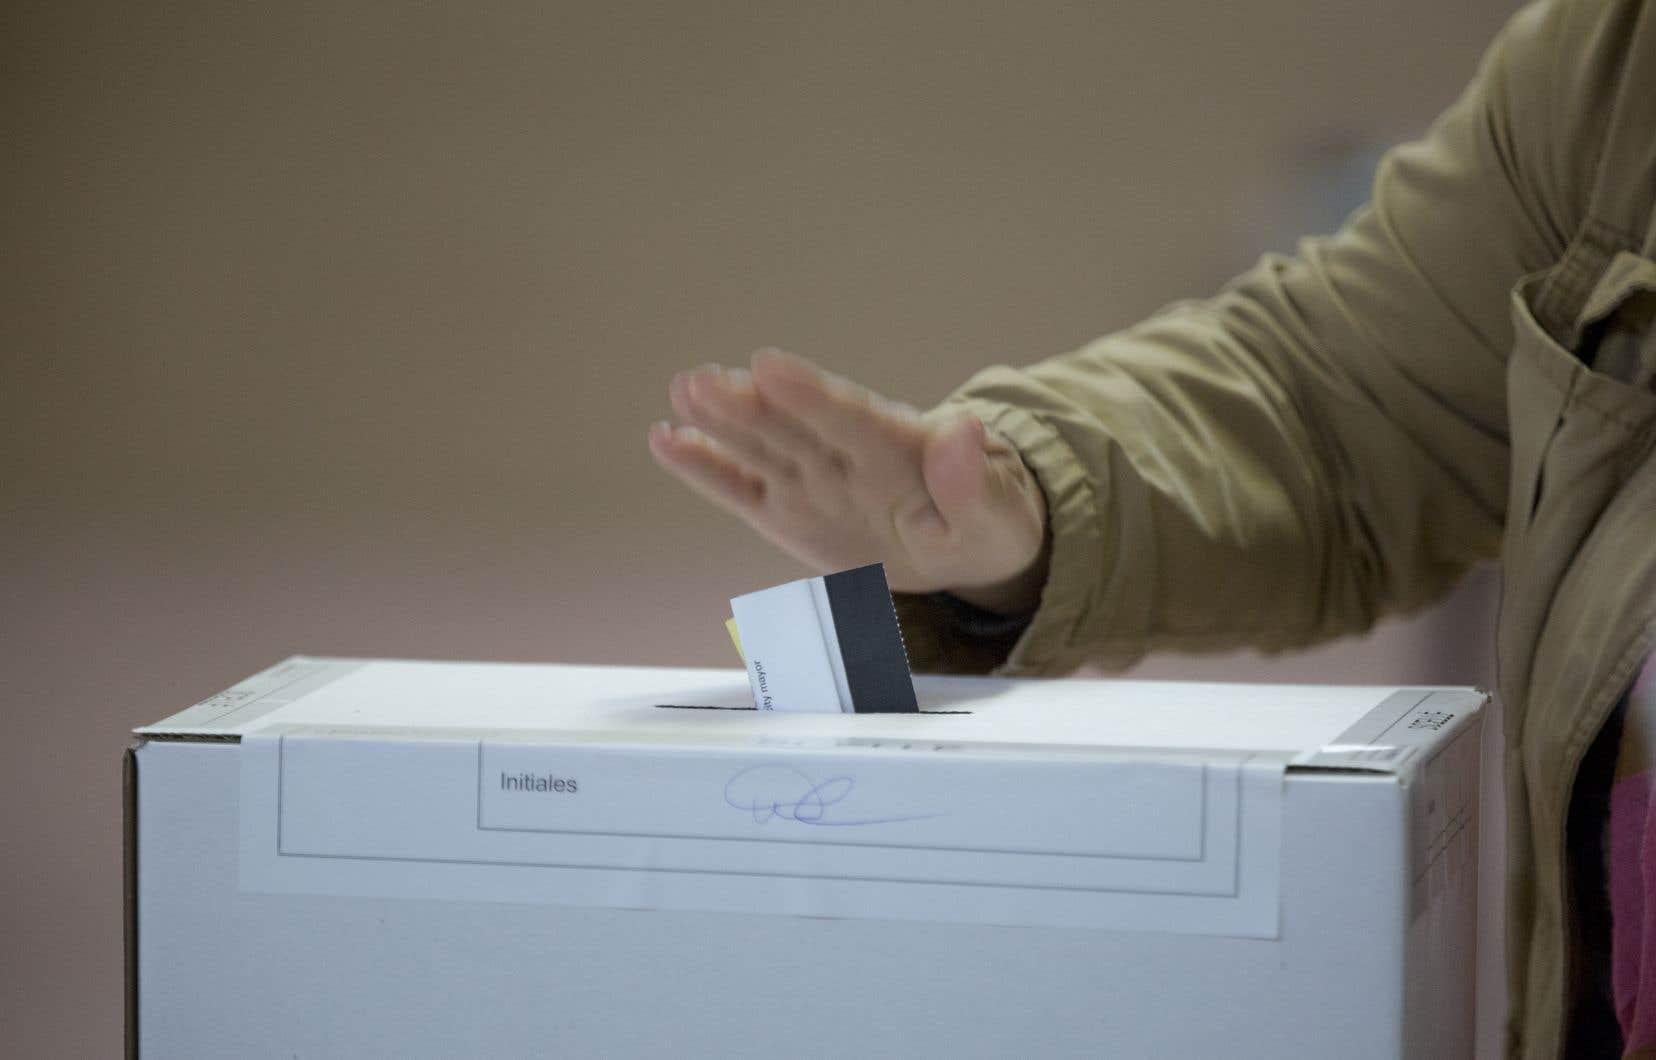 Avec le mode de scrutin actuel, les électeurs votent pour un candidat et non pour un parti.